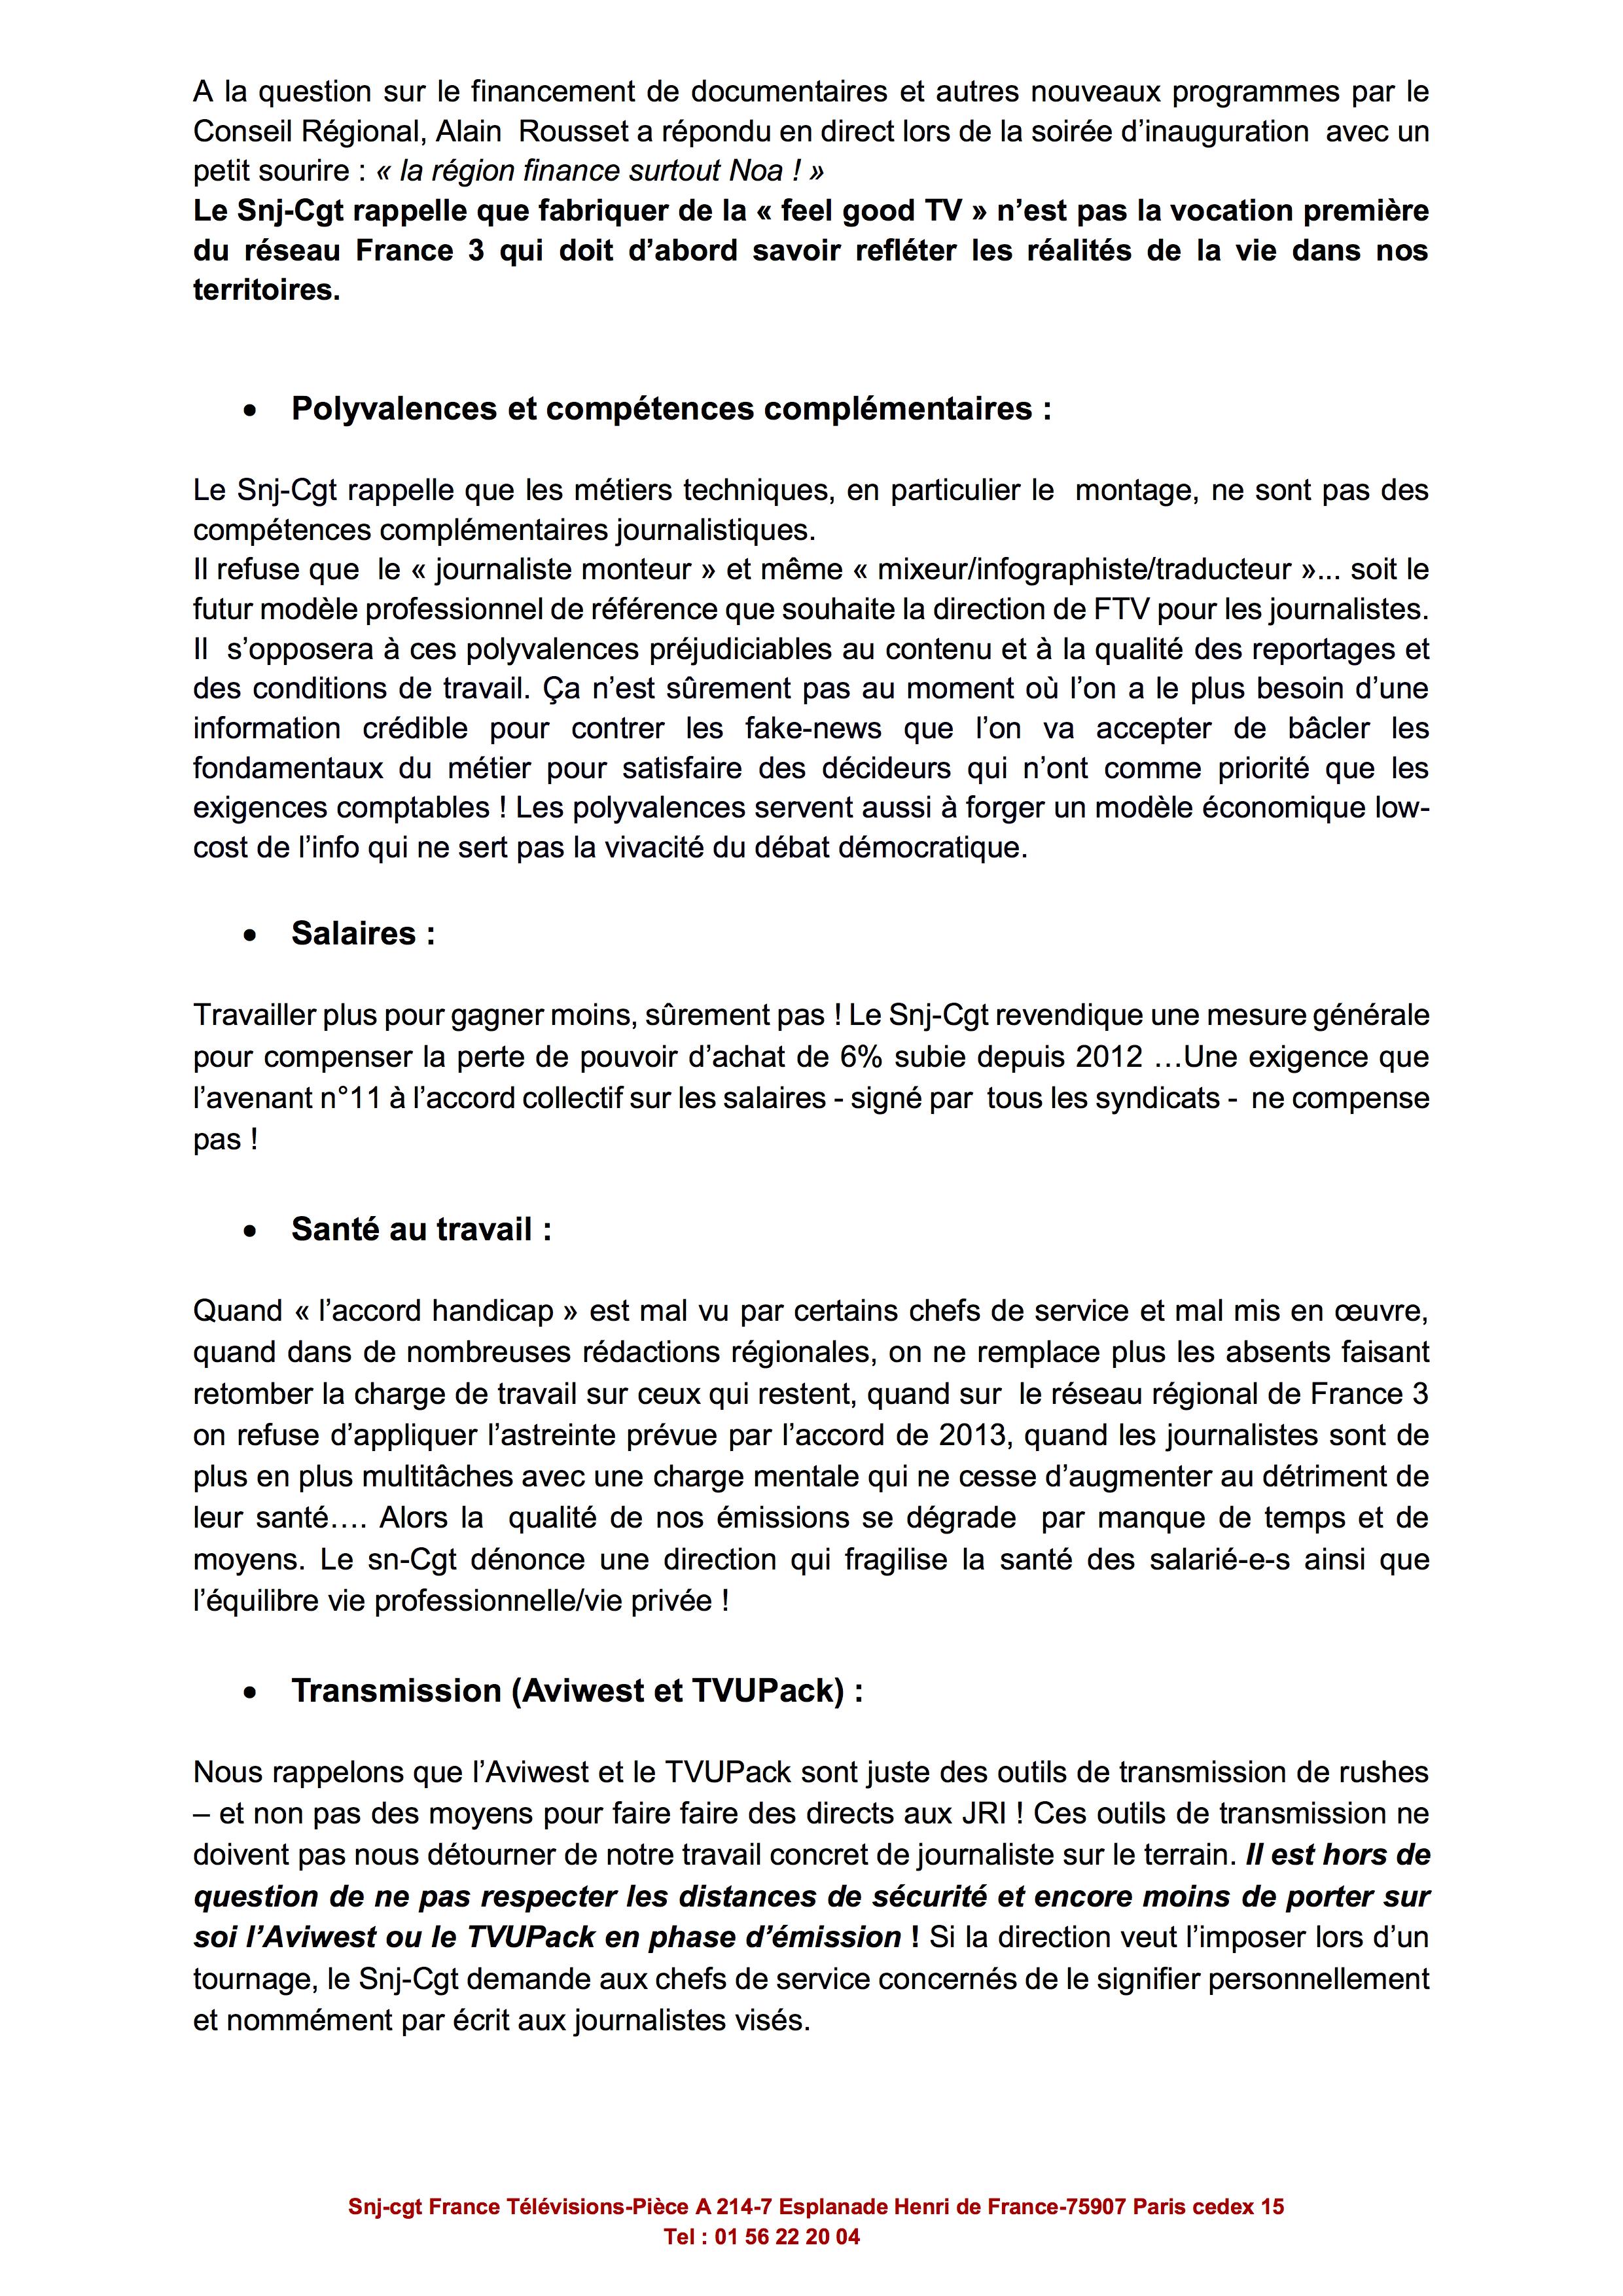 communique-ftv_partie3